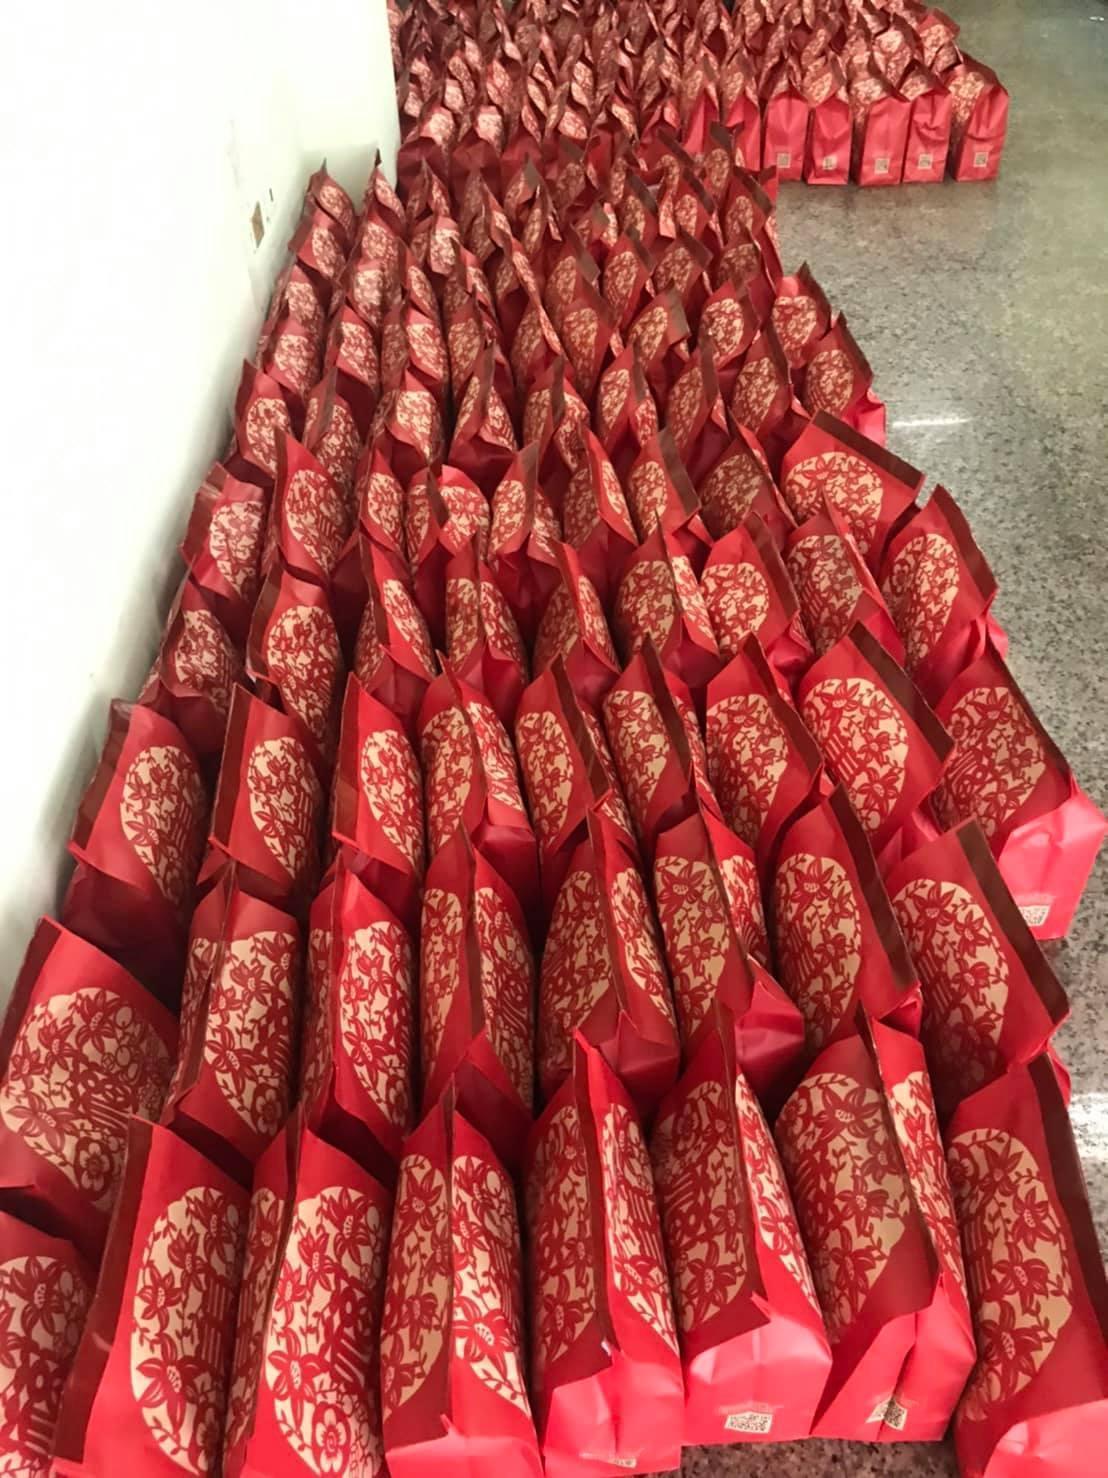 見到有人一口氣開箱5萬多元的福袋,讓網友直呼「貧窮限制了我的想像力」。(翻攝自全家夯什麼臉書粉專)